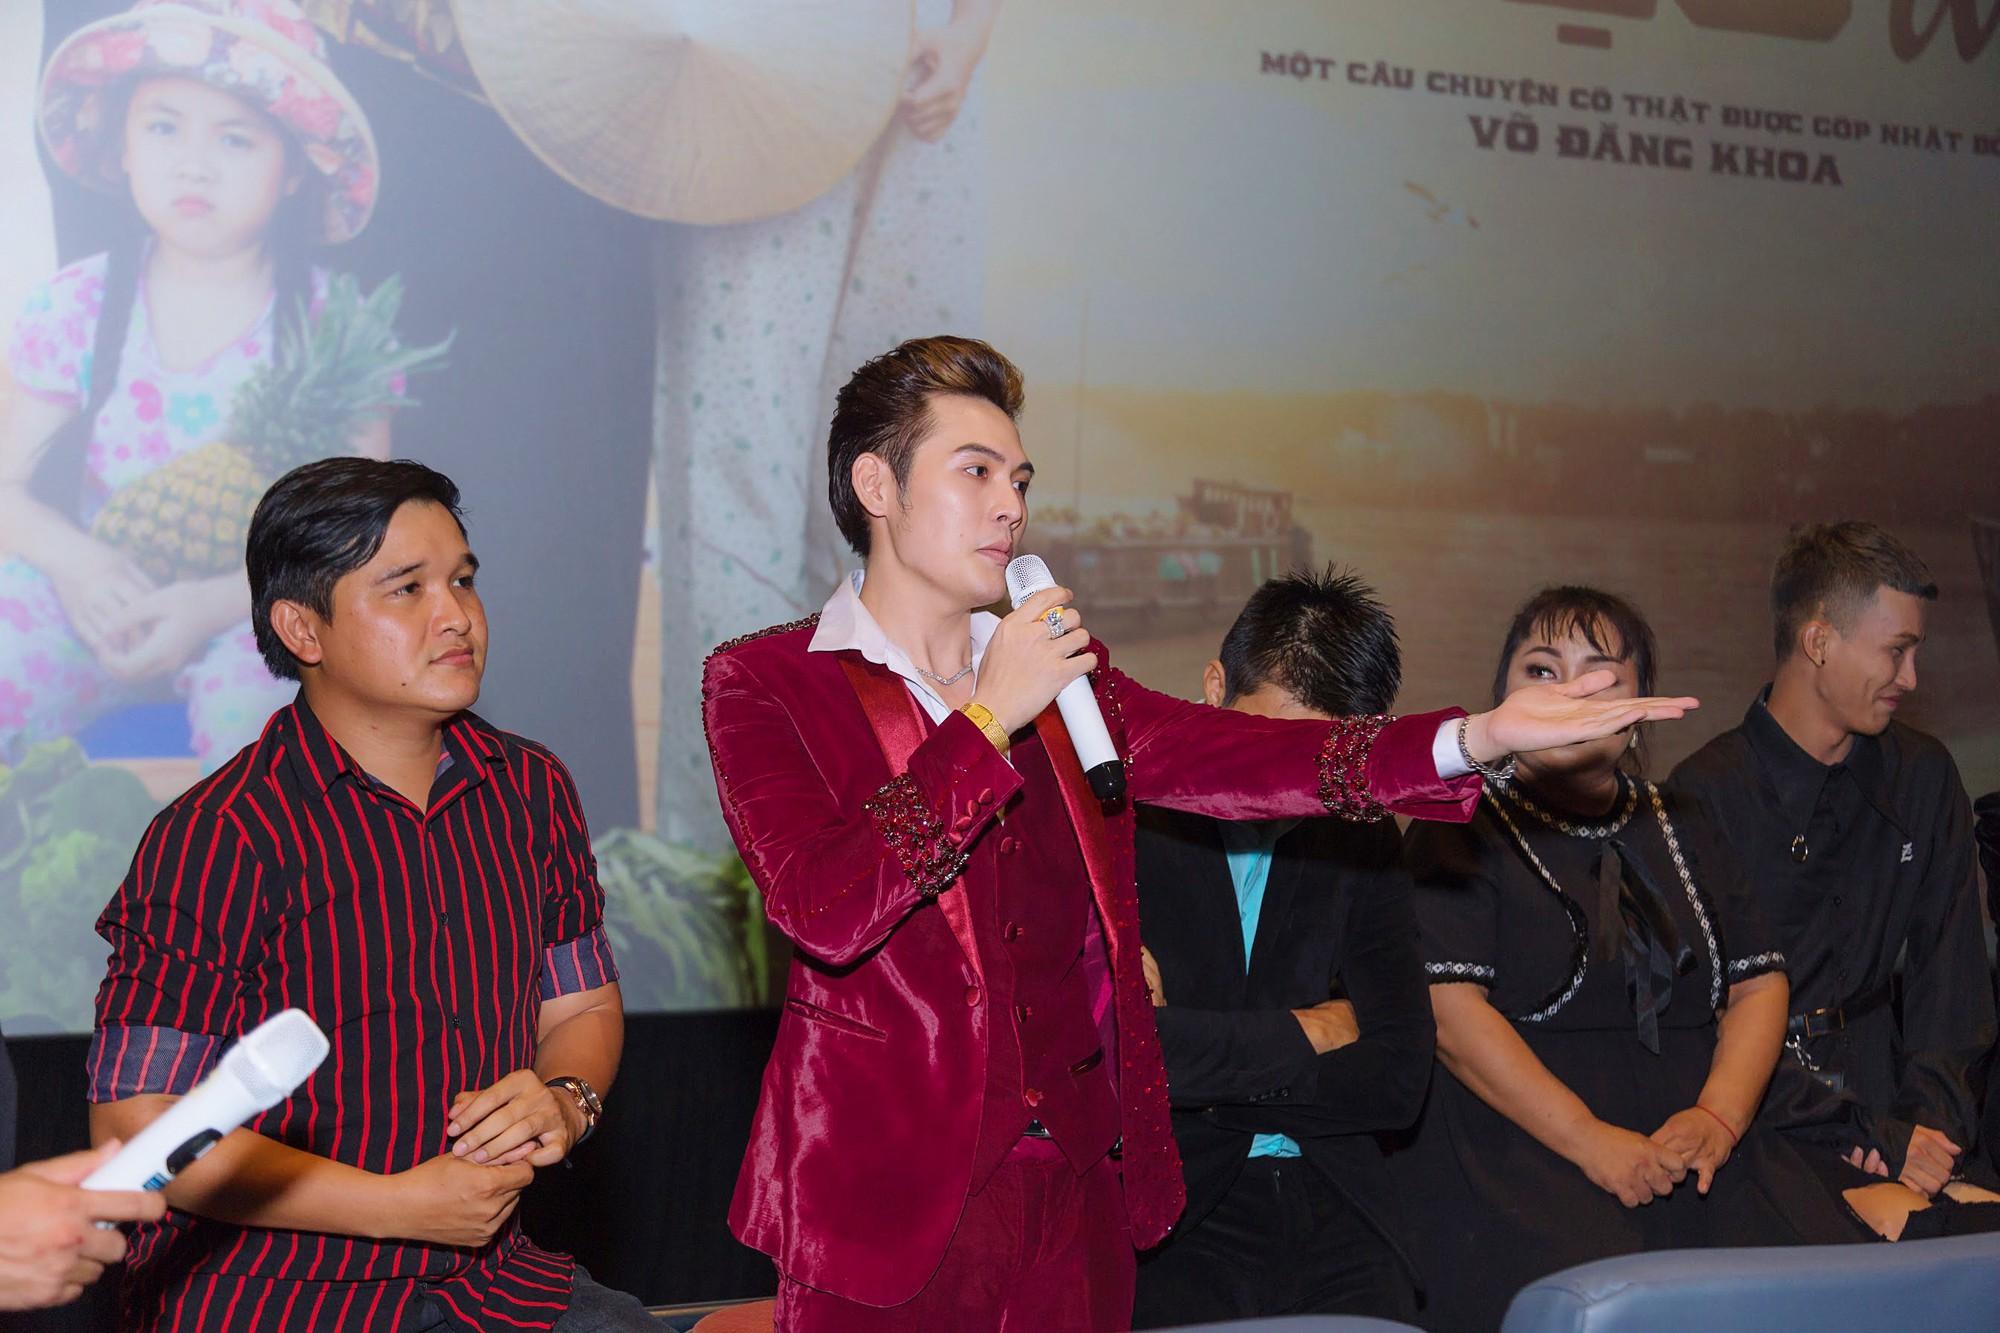 Đạo diễn Võ Thanh Hòa và Võ Đăng Khoa nói gì về việc mang hình ảnh LGBT miền Tây lên phim hài? - Ảnh 4.